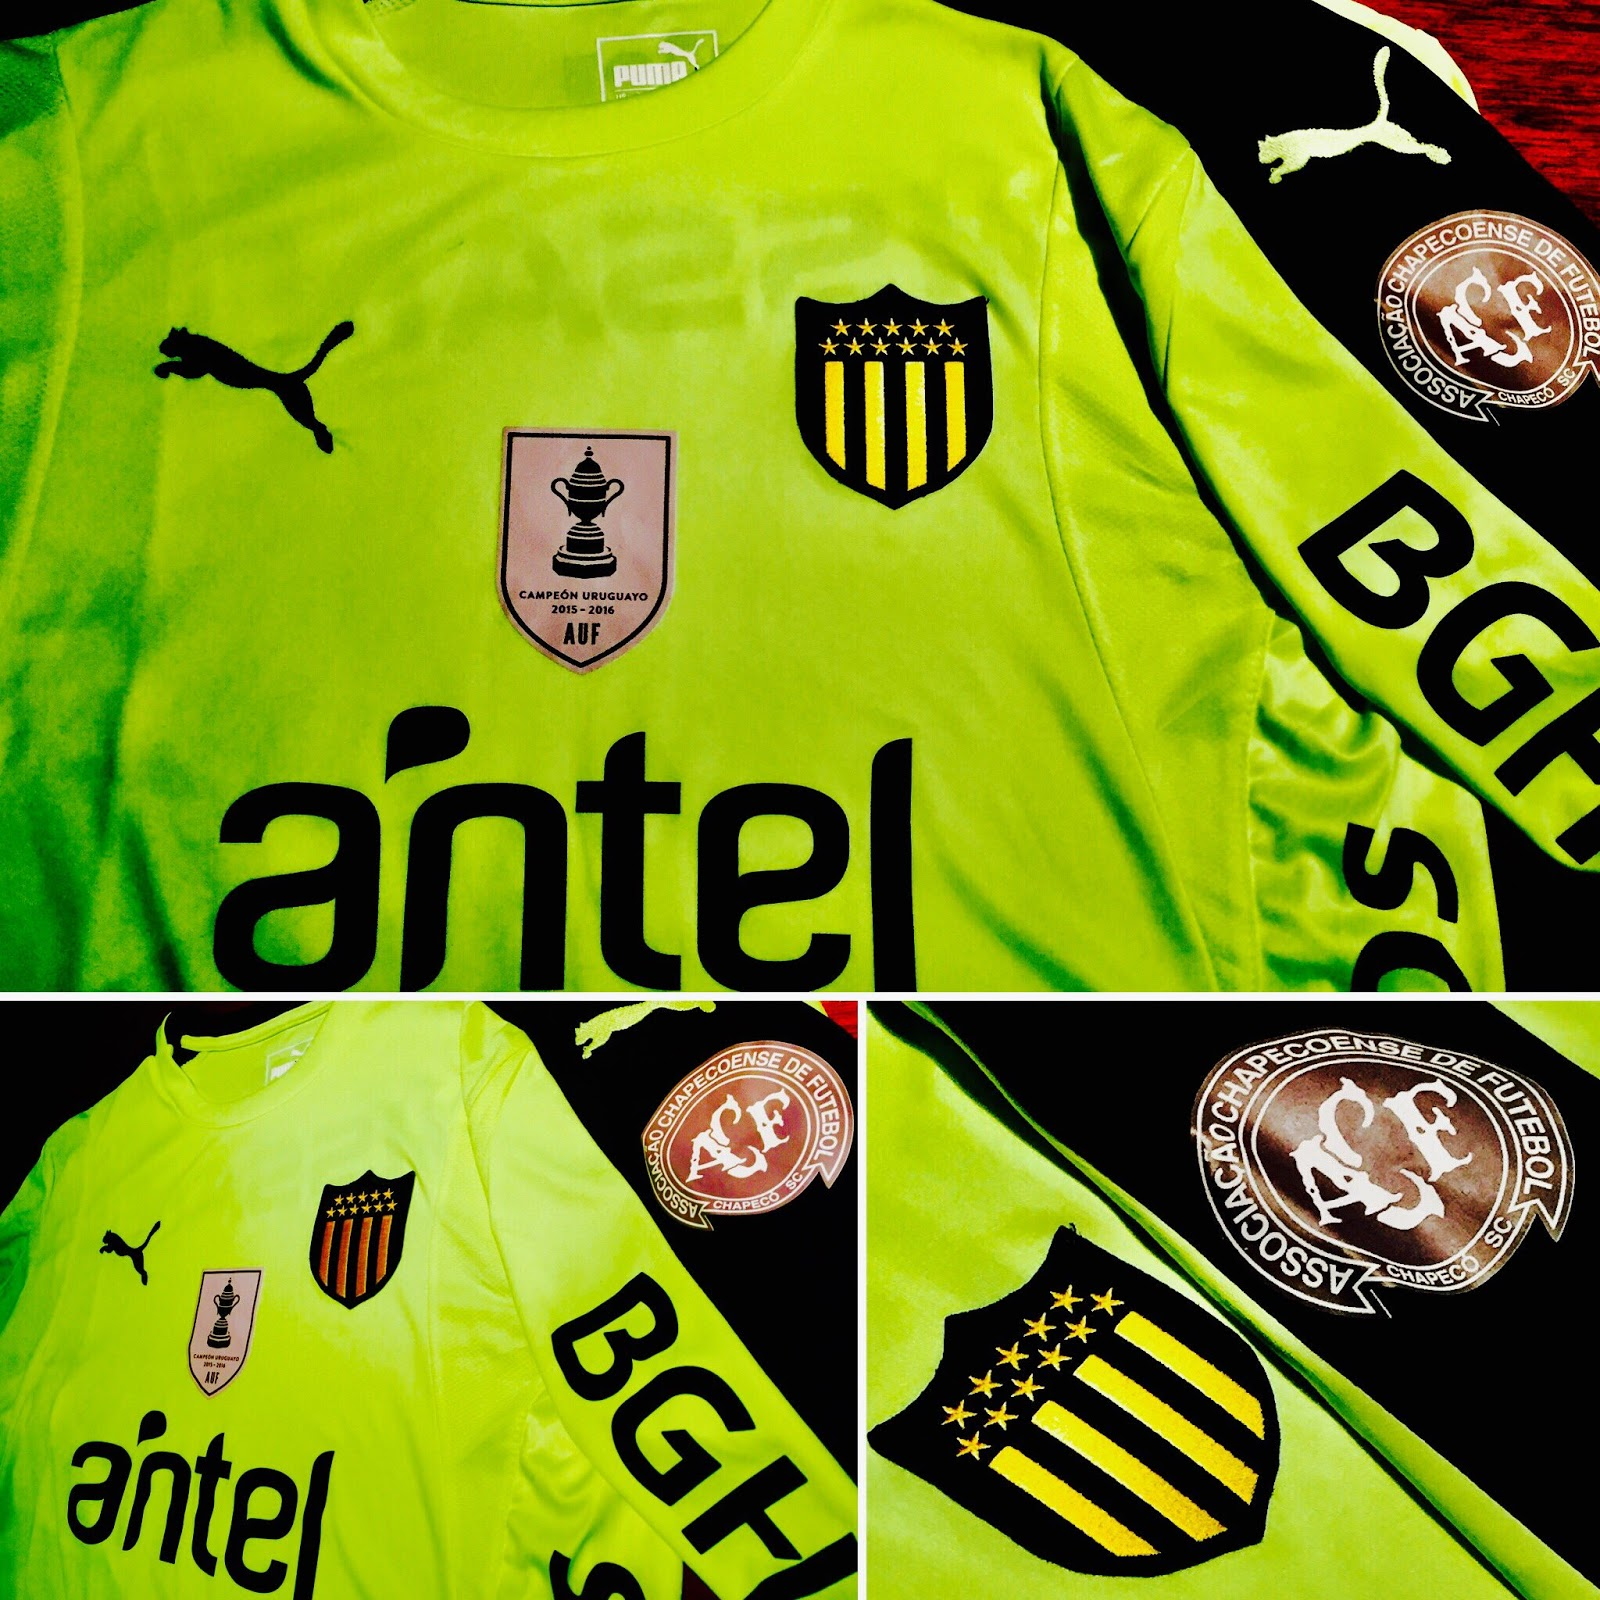 59ffa6207f Peñarol usará camisa verde em homenagem a Chapecoense - Show de Camisas